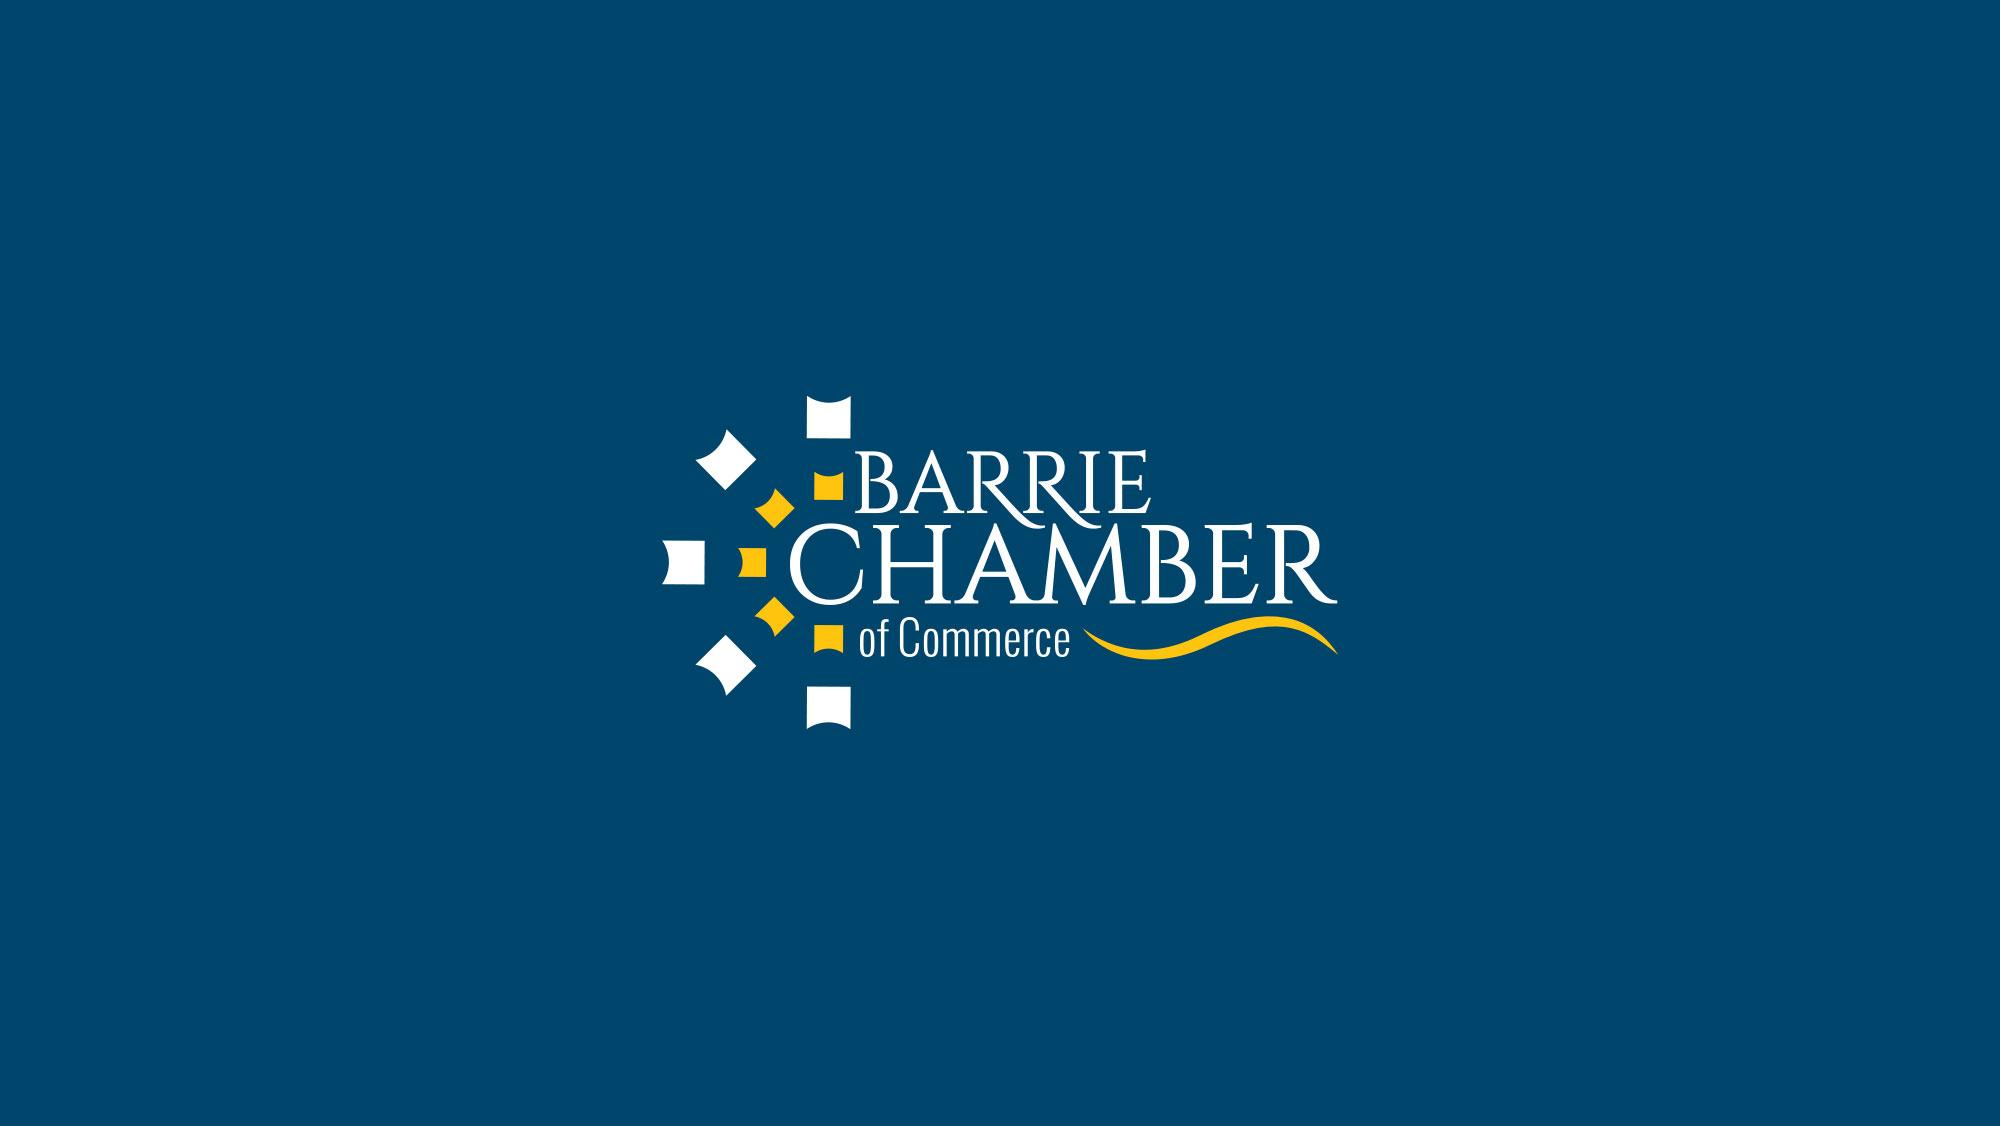 Barrie Chamber of Commerce Alternate Logo & Identity Design